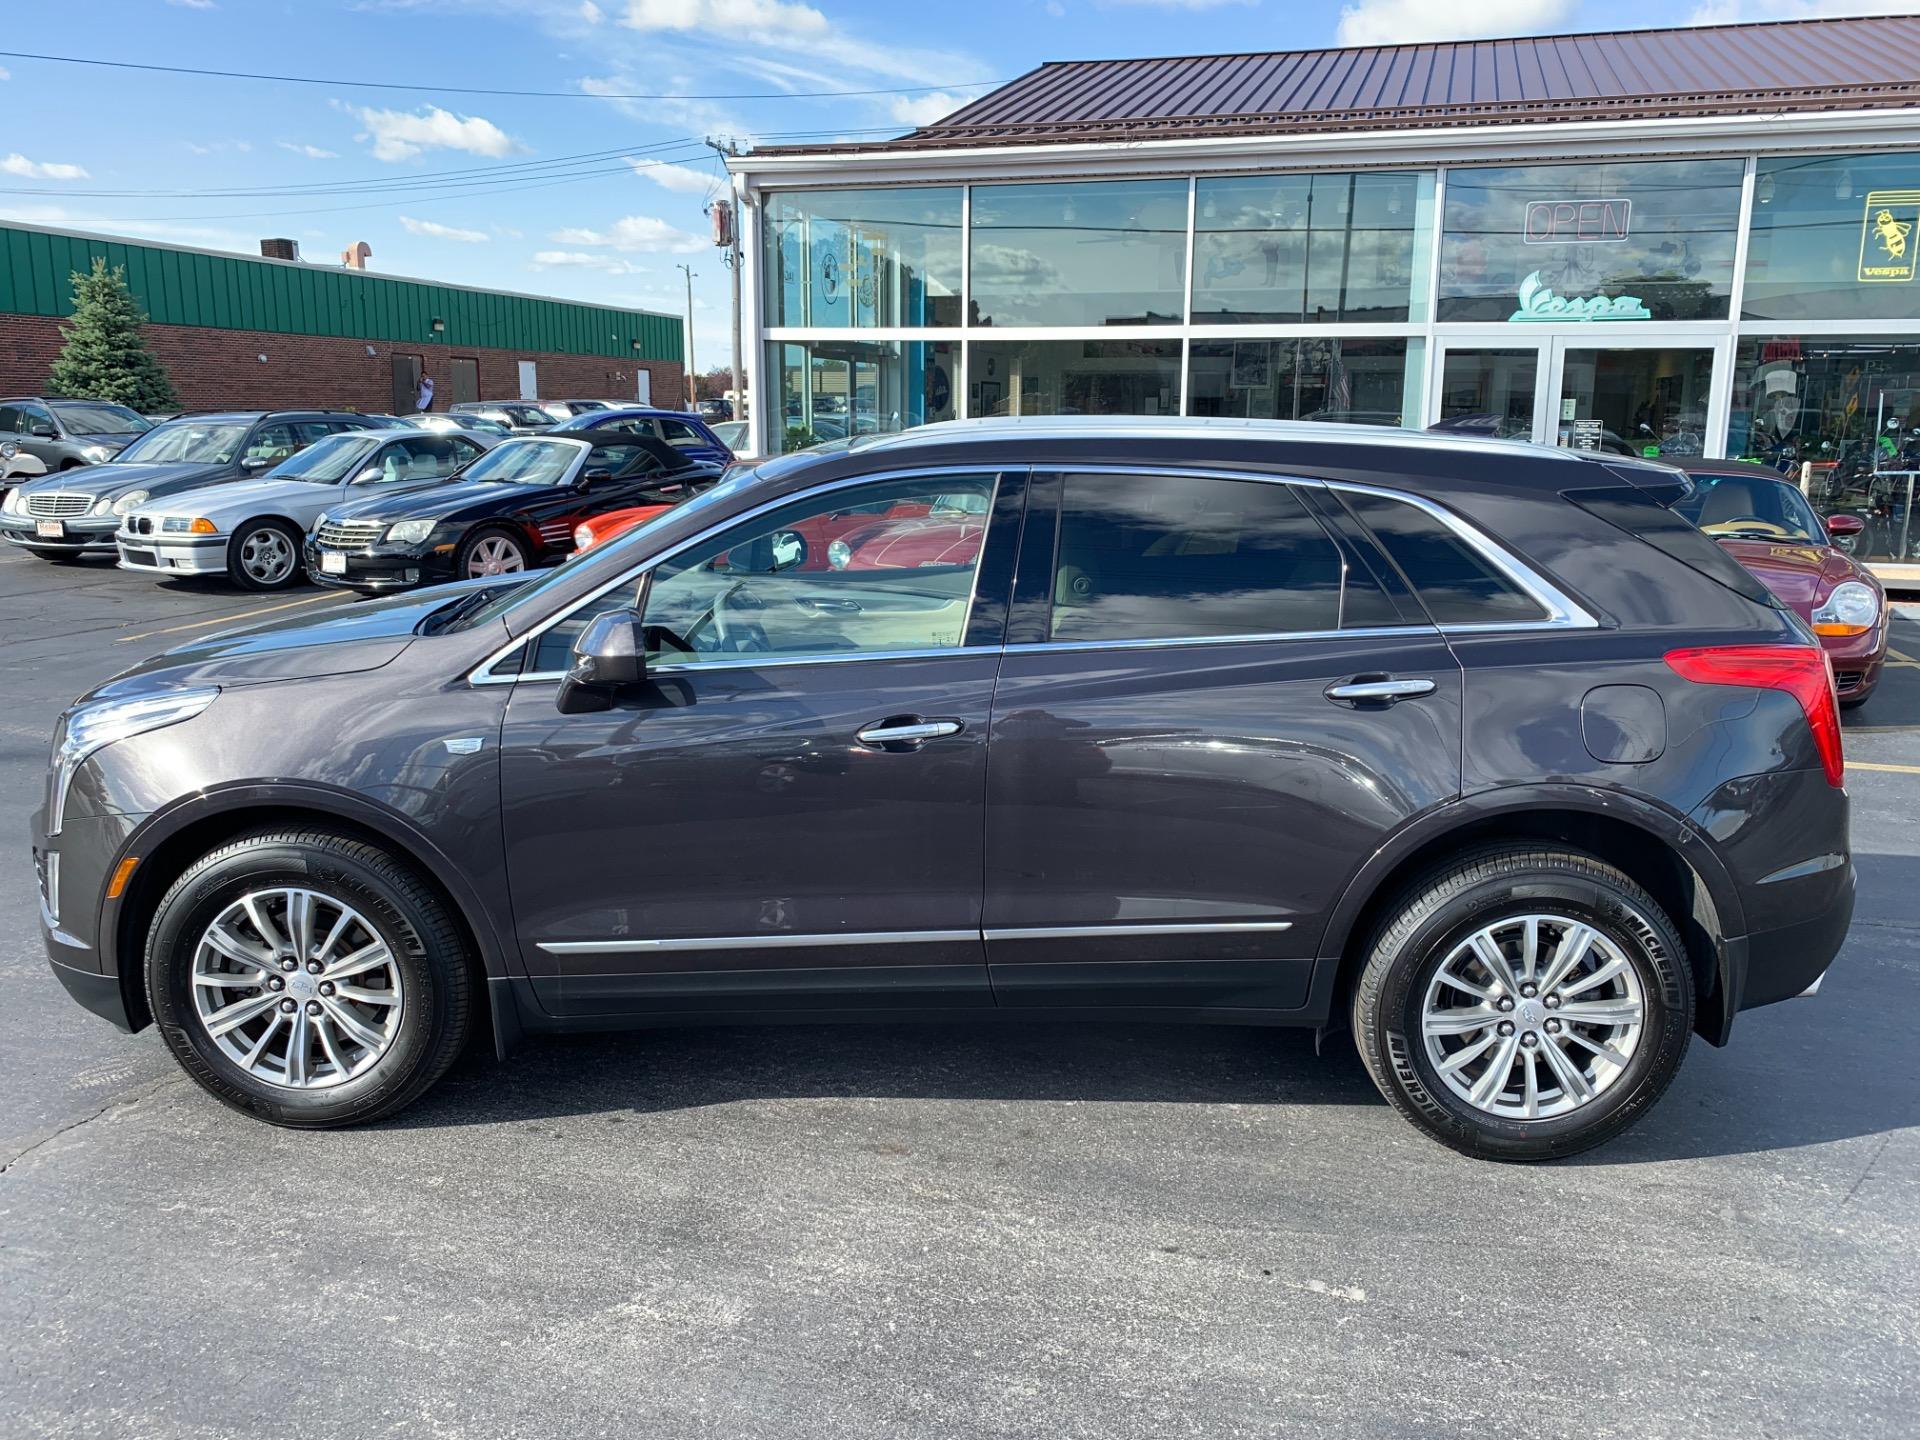 Used-2018-Cadillac-XT5-Luxury-W/-Adaptive-Cruise